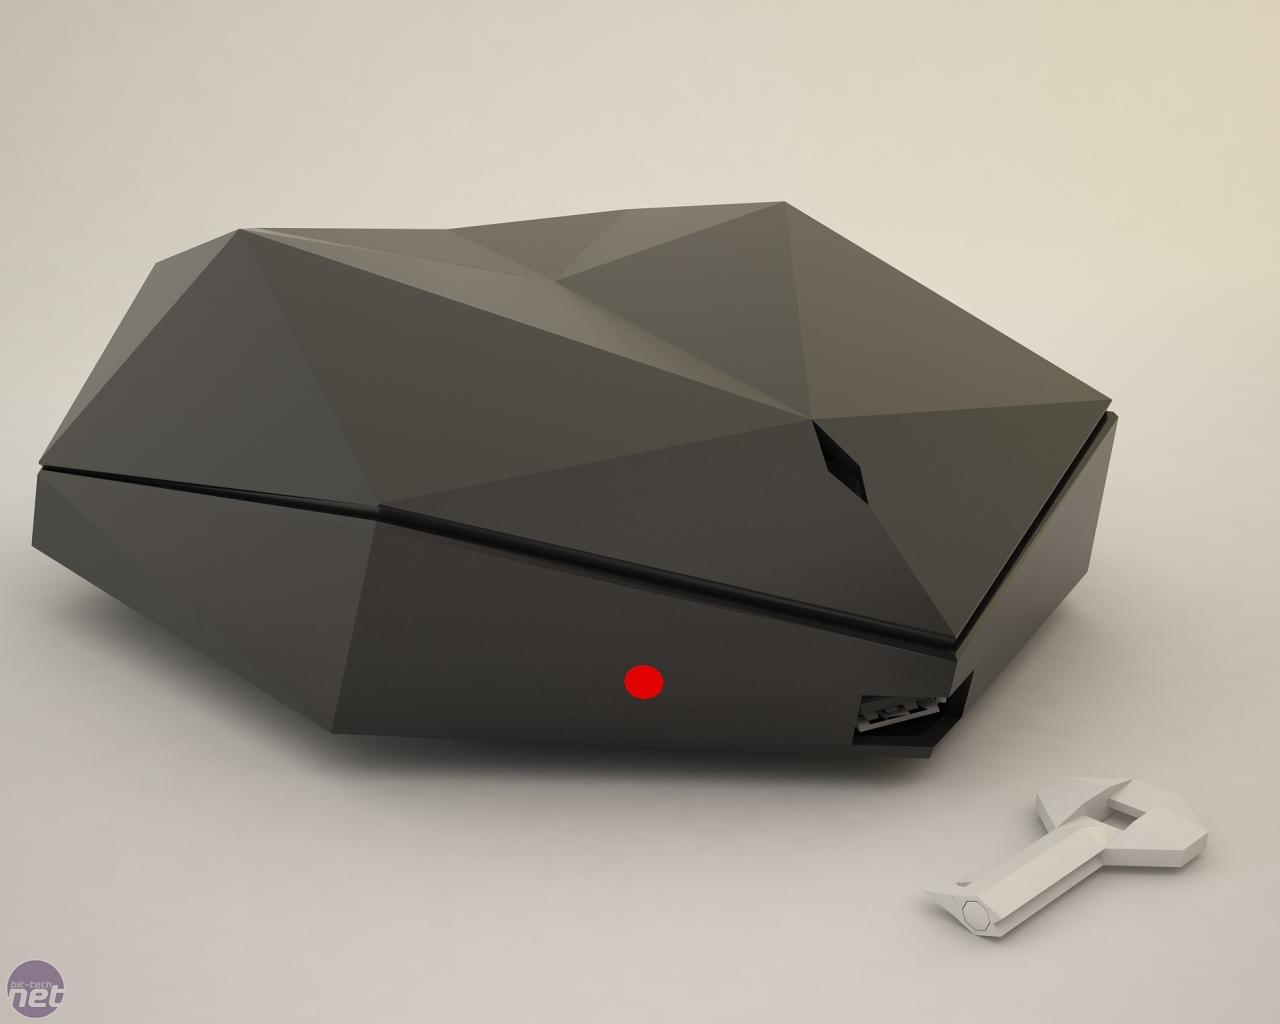 Intel Nuc Case Design Competition 2014 Announcement Bit